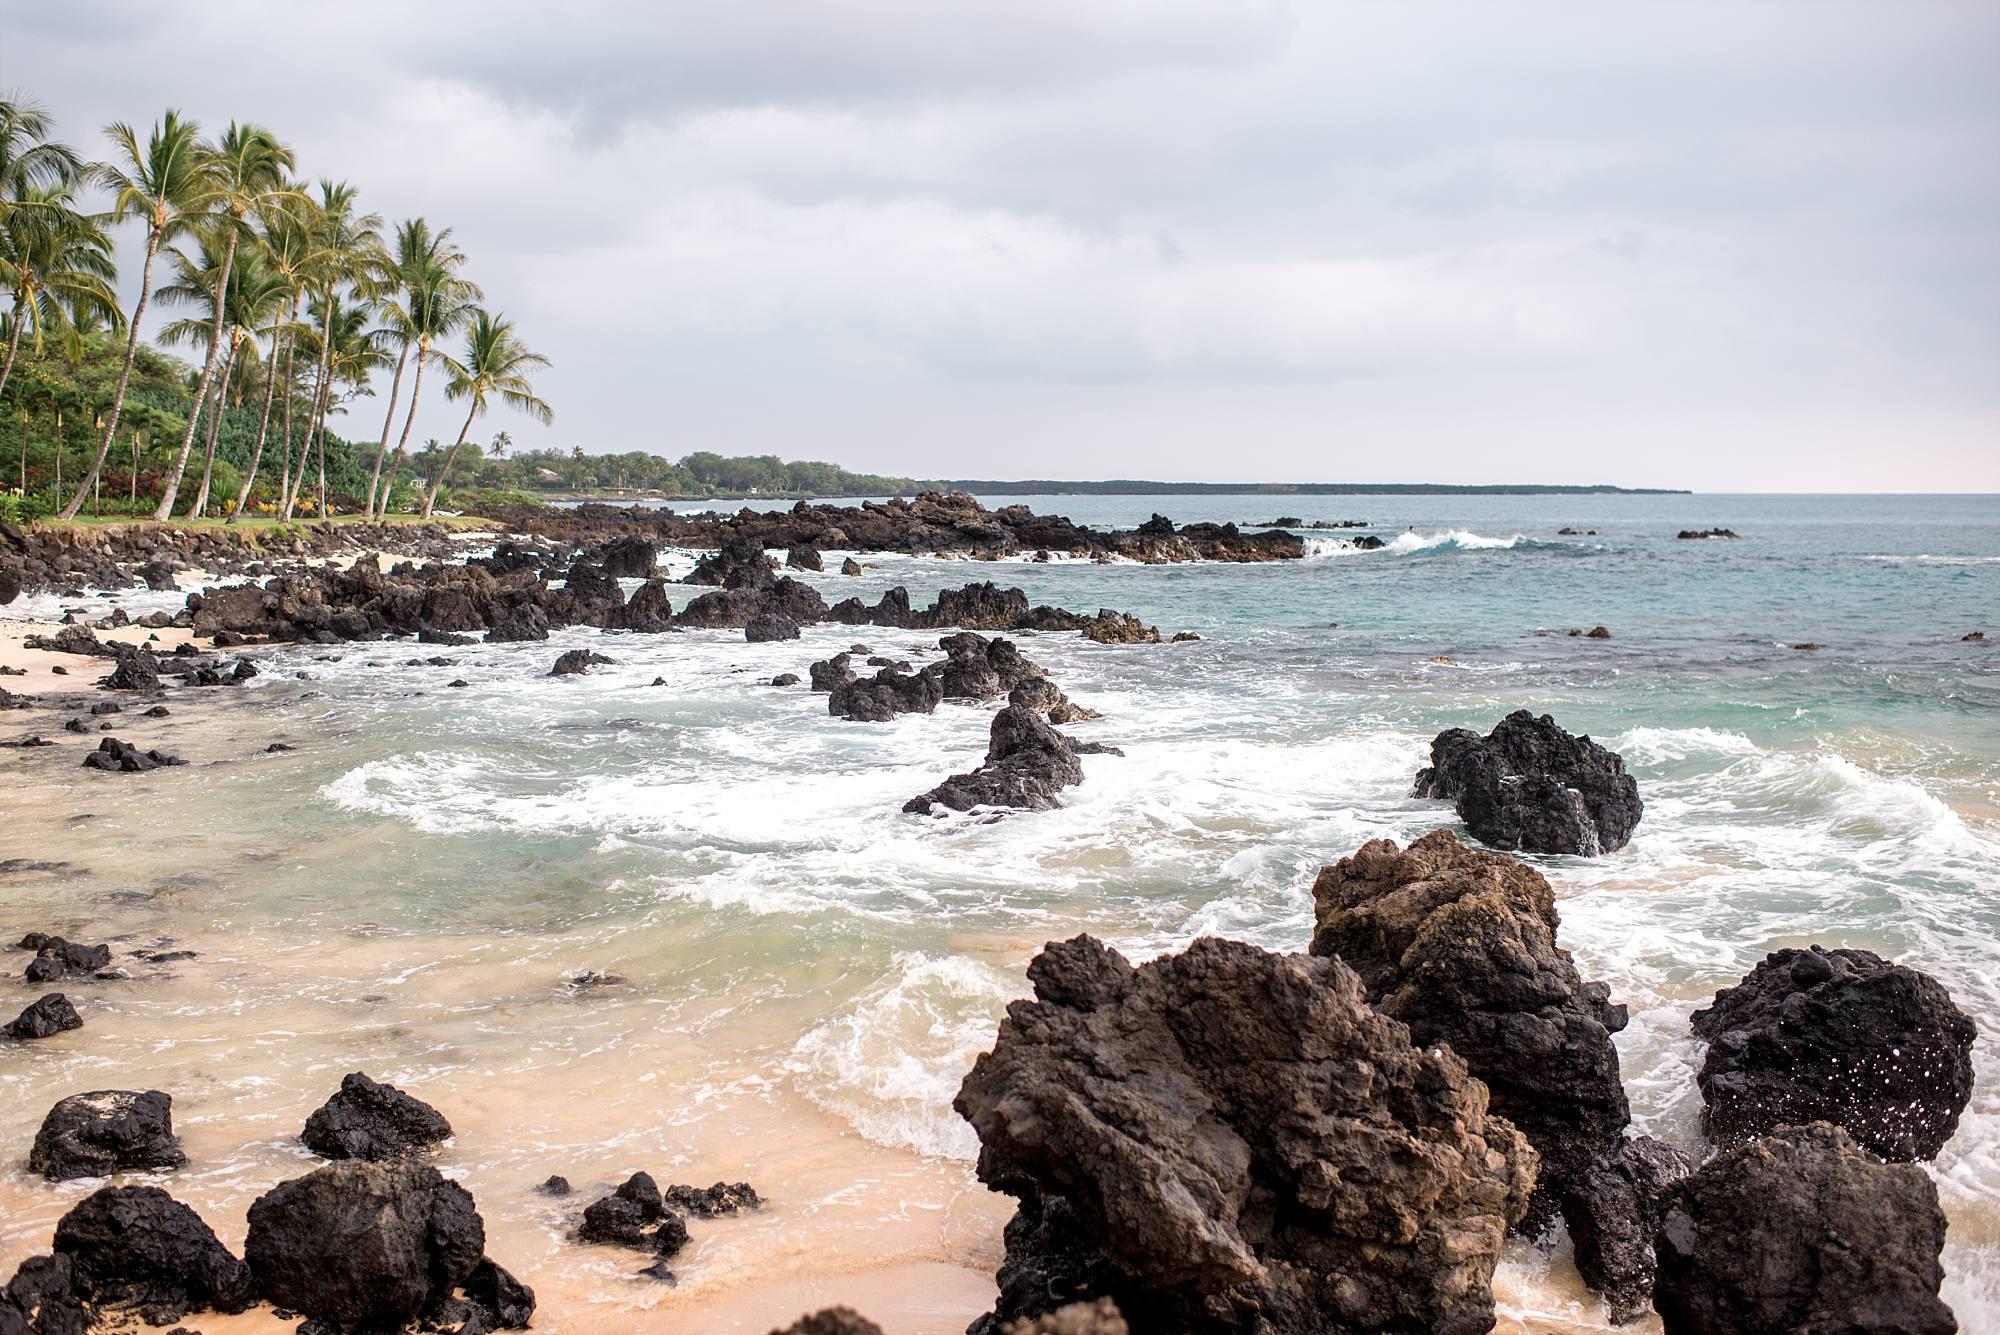 South Maui beach with black rocks and palm trees